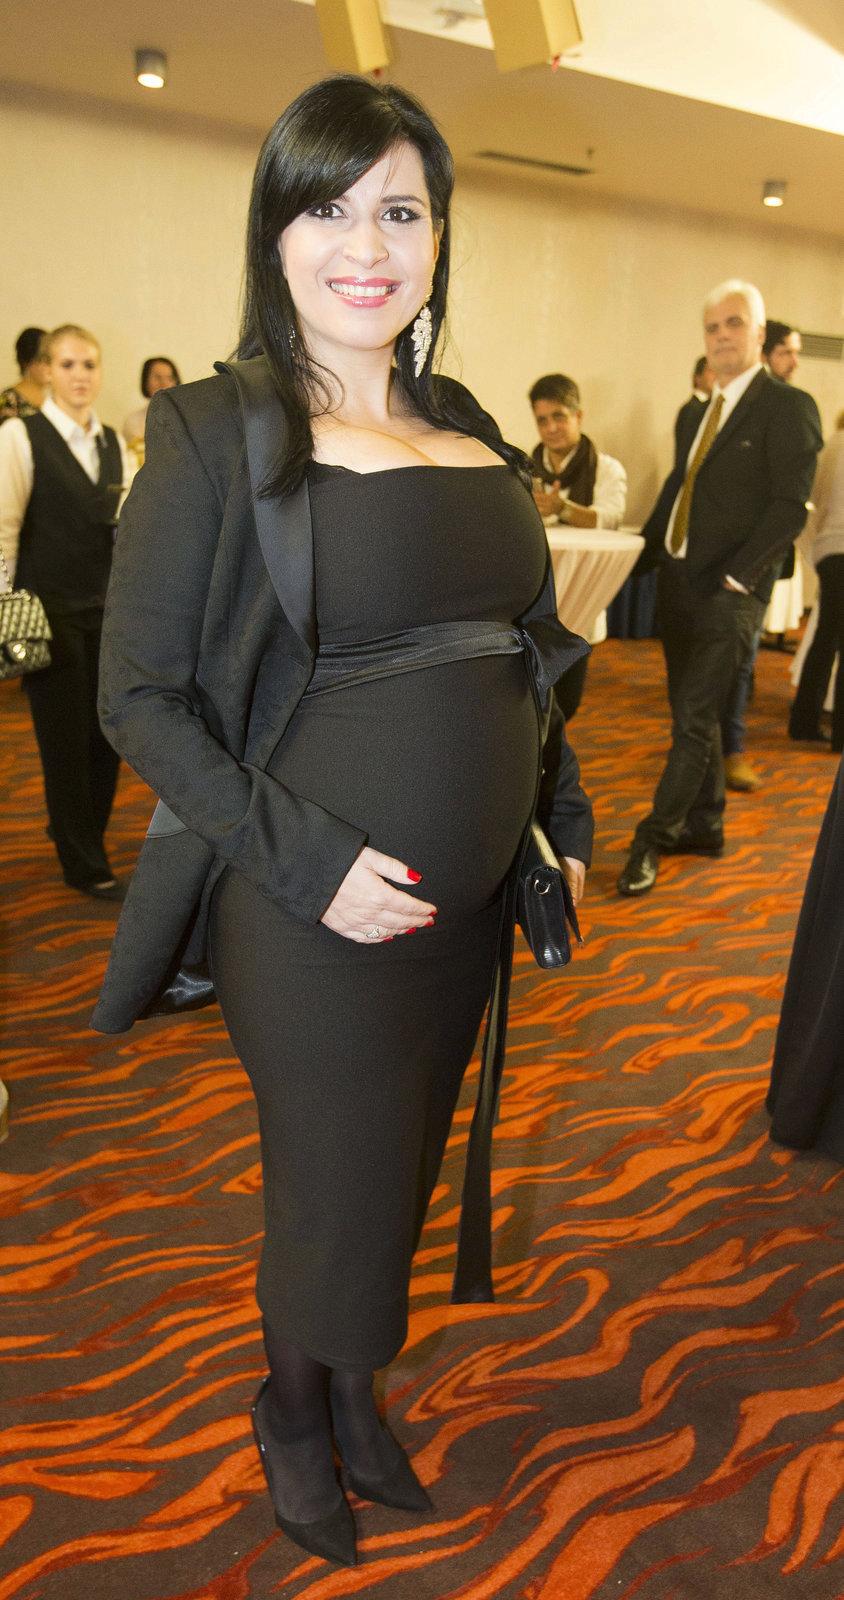 Andrea Kalivodová je v 8. měsíci těhotenství.